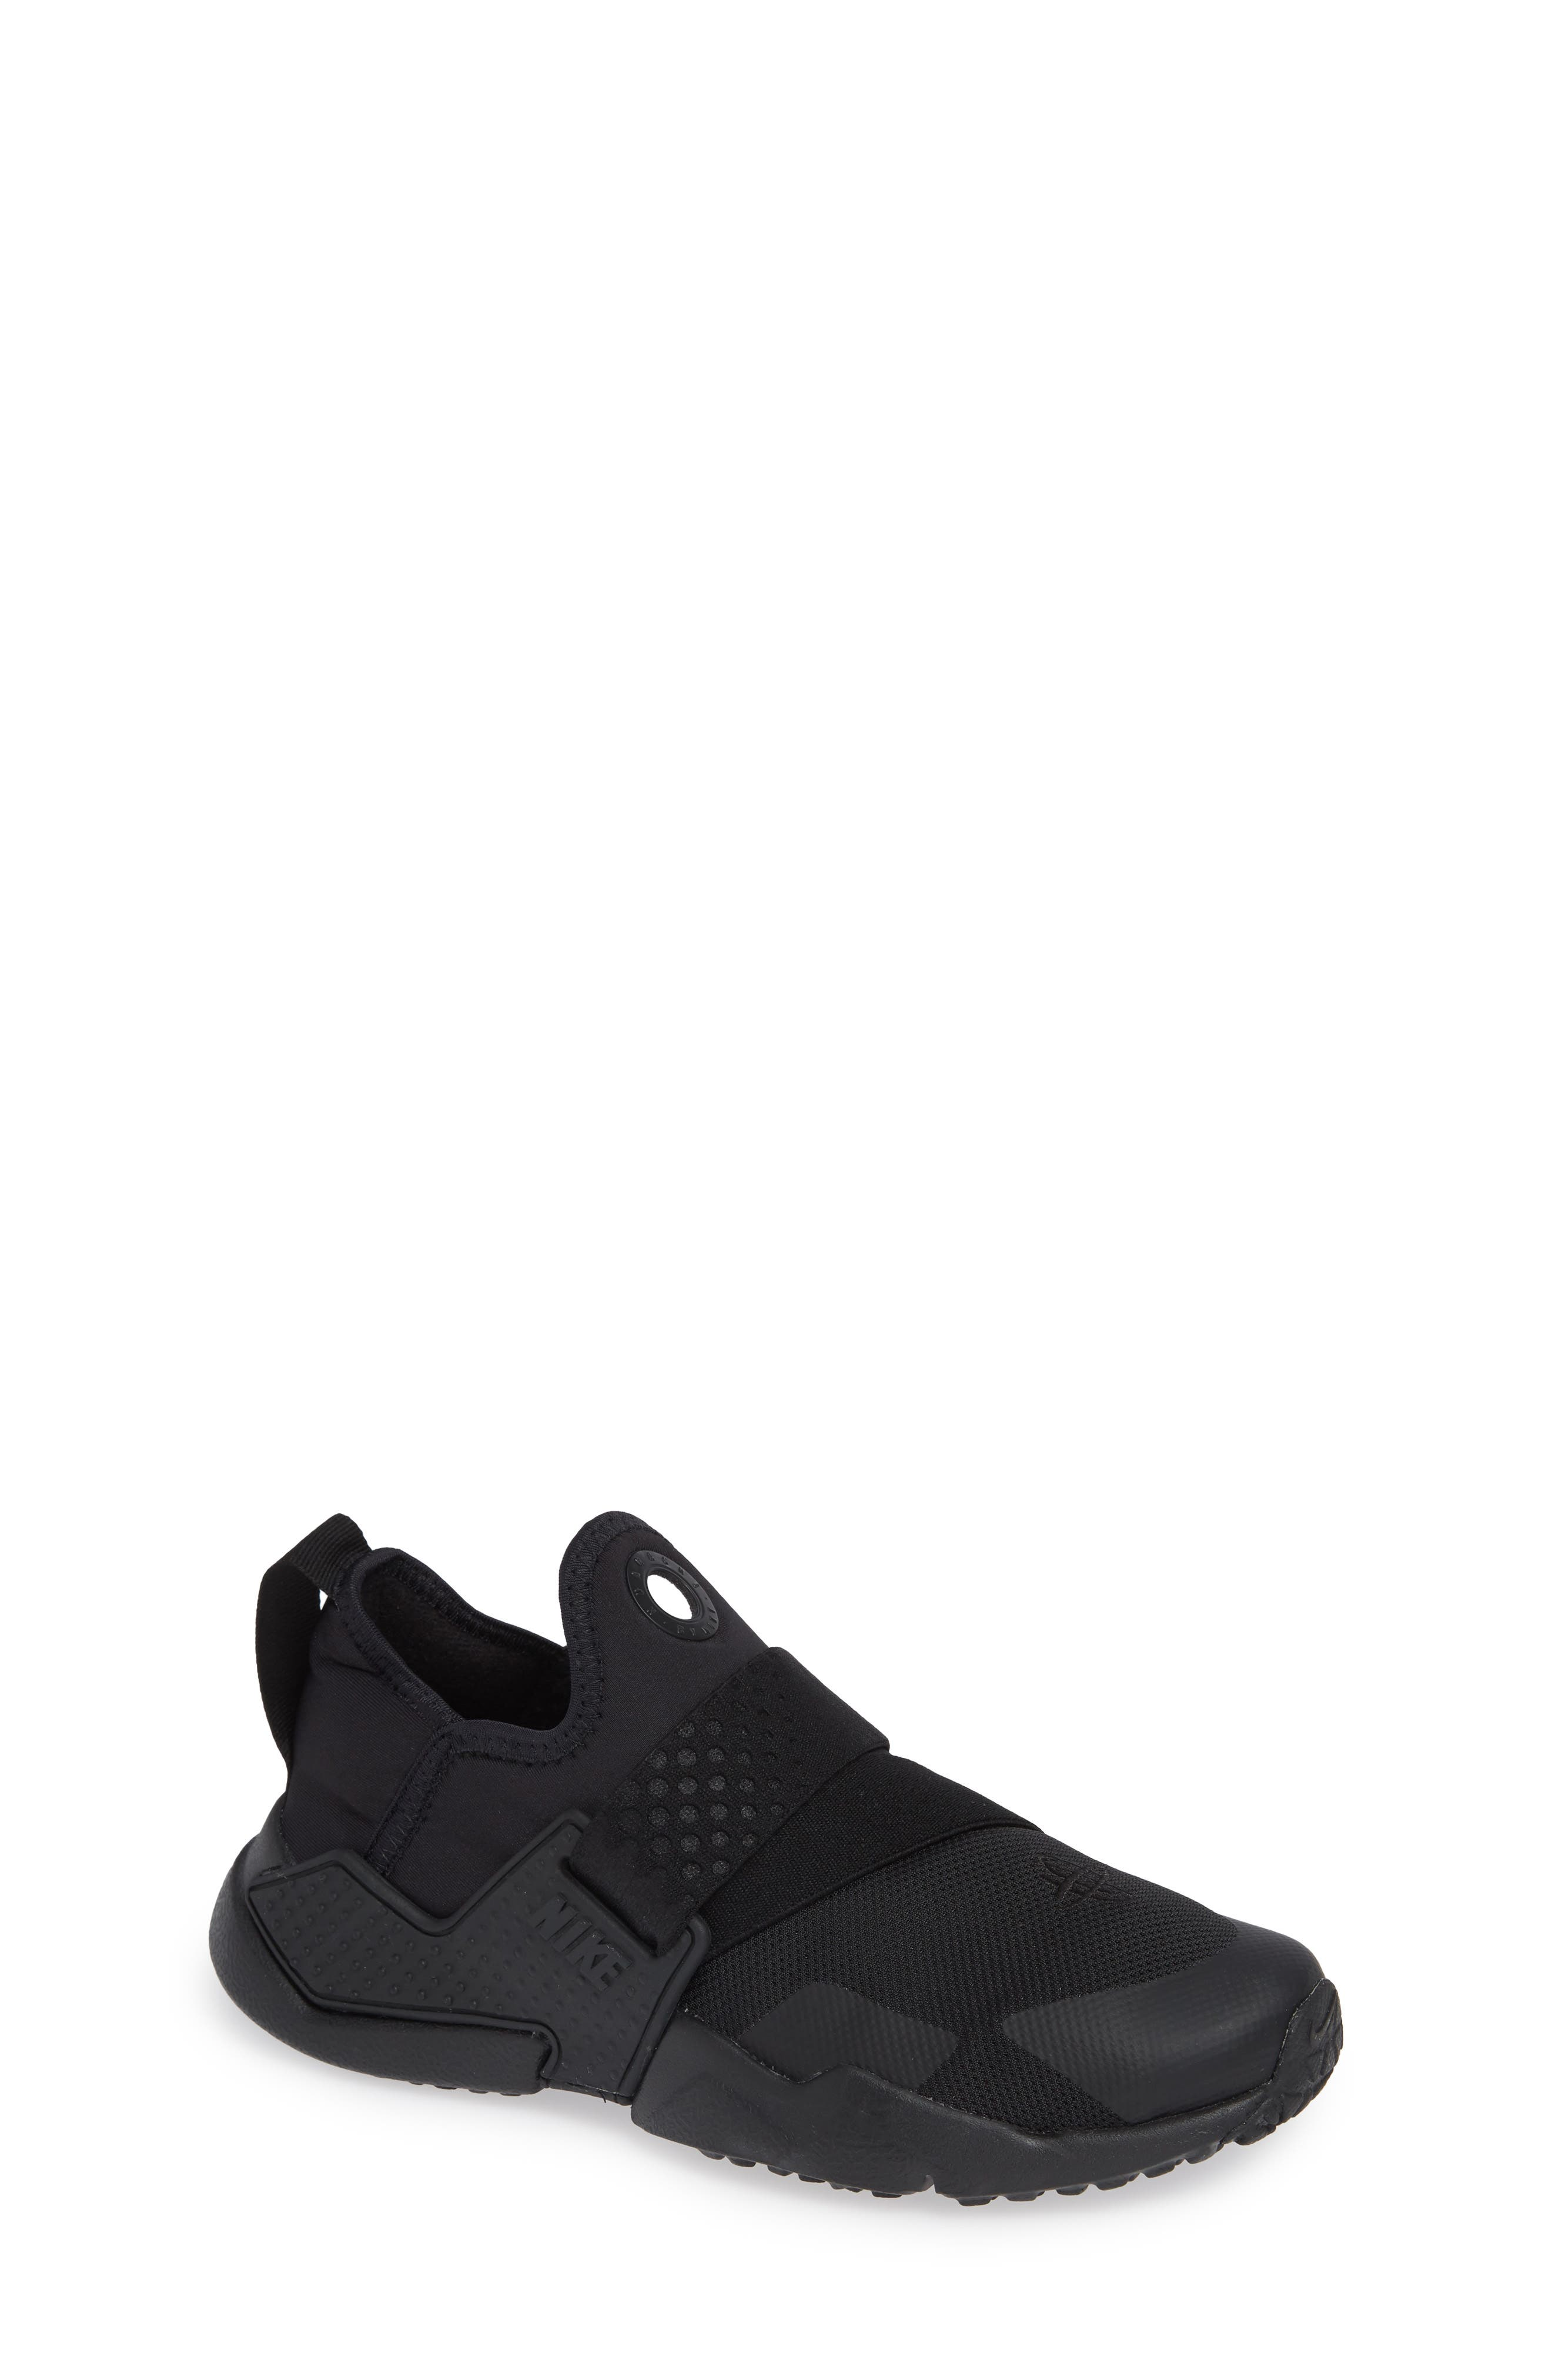 Huarache Extreme Sneaker,                             Main thumbnail 1, color,                             BLACK